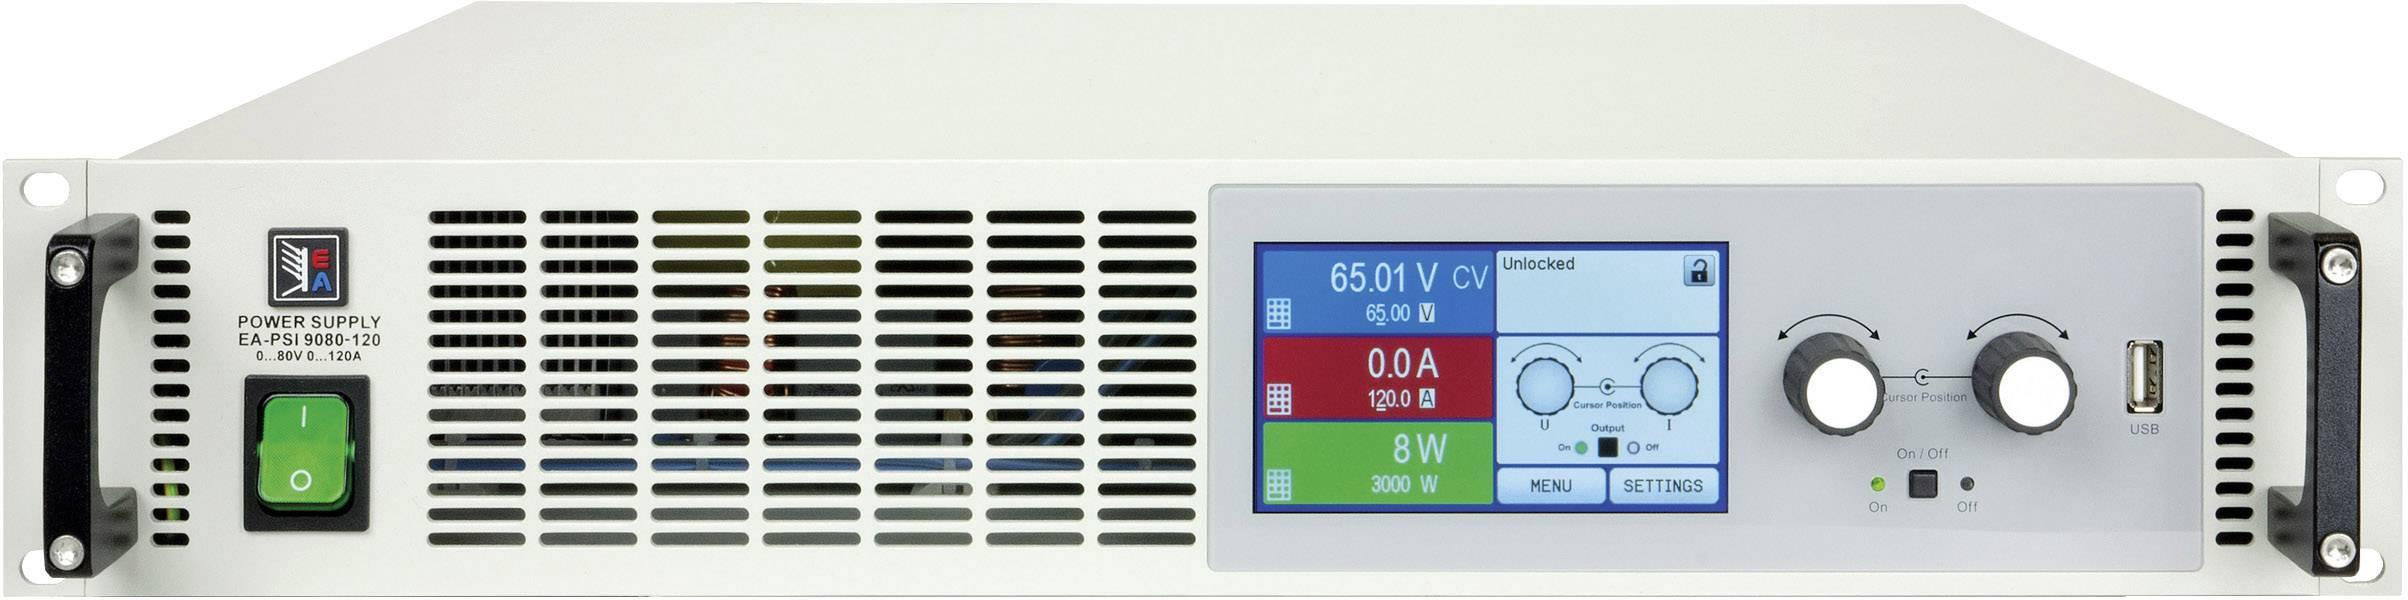 Programovatelný laboratorní zdroj EA EA-PSI 9040-120, 2U, 40 V, 120 A, 3000 W, USB